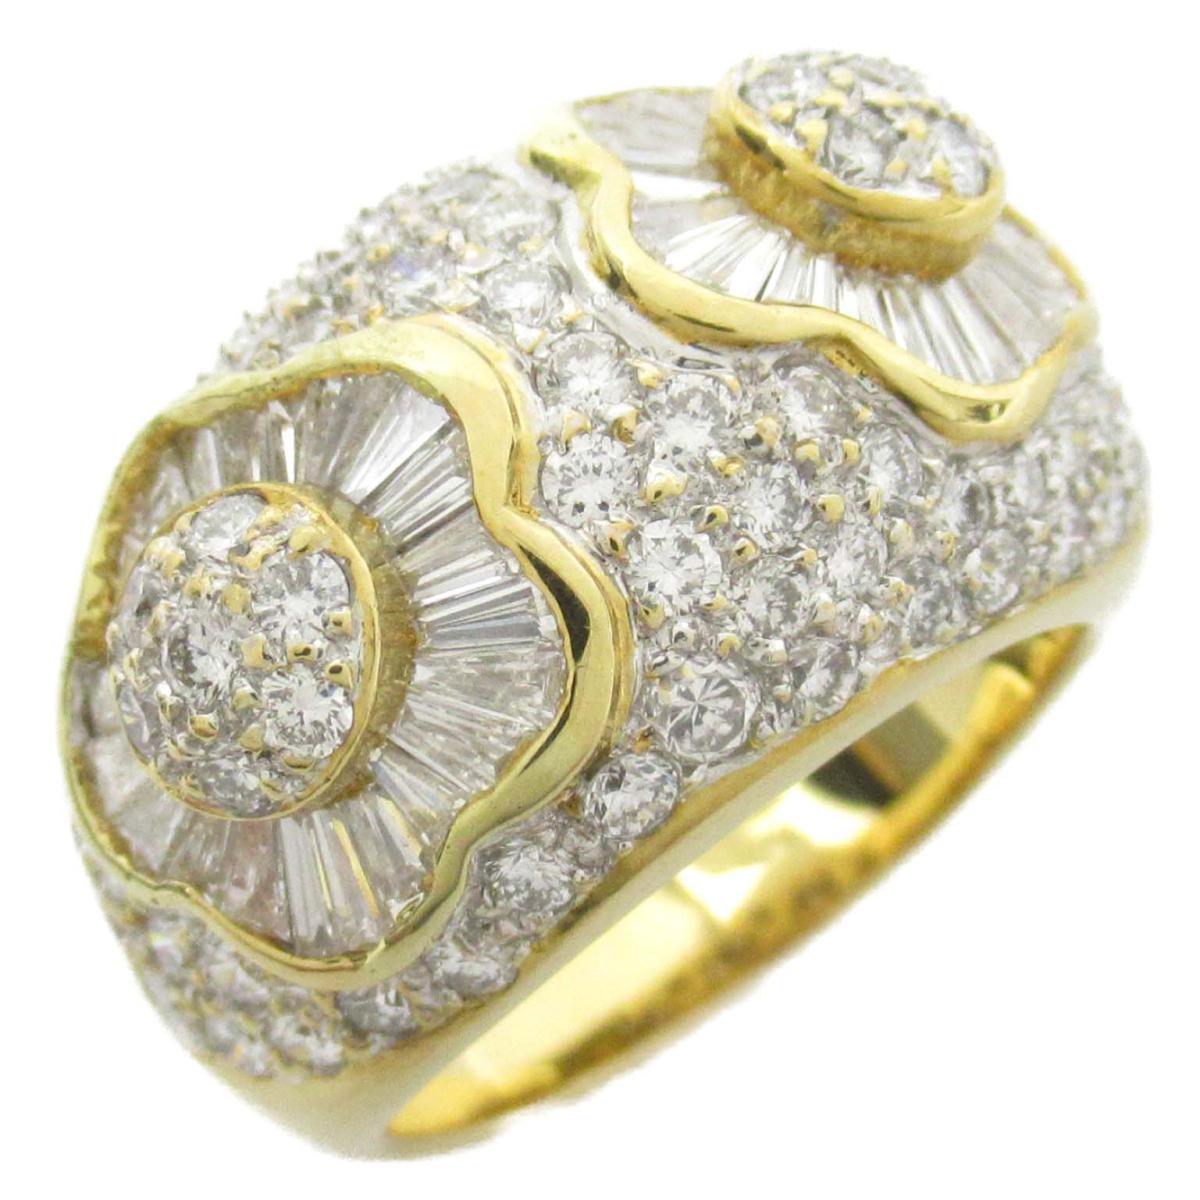 ジュエリー ダイヤモンド リング 指輪 ノーブランドジュエリー レディース K18WG (750) ホワイトゴールド x K18YG イエローゴールド ダイヤモンド2.57ct 【中古】 | JEWELRY BRANDOFF ブランドオフ アクセサリー